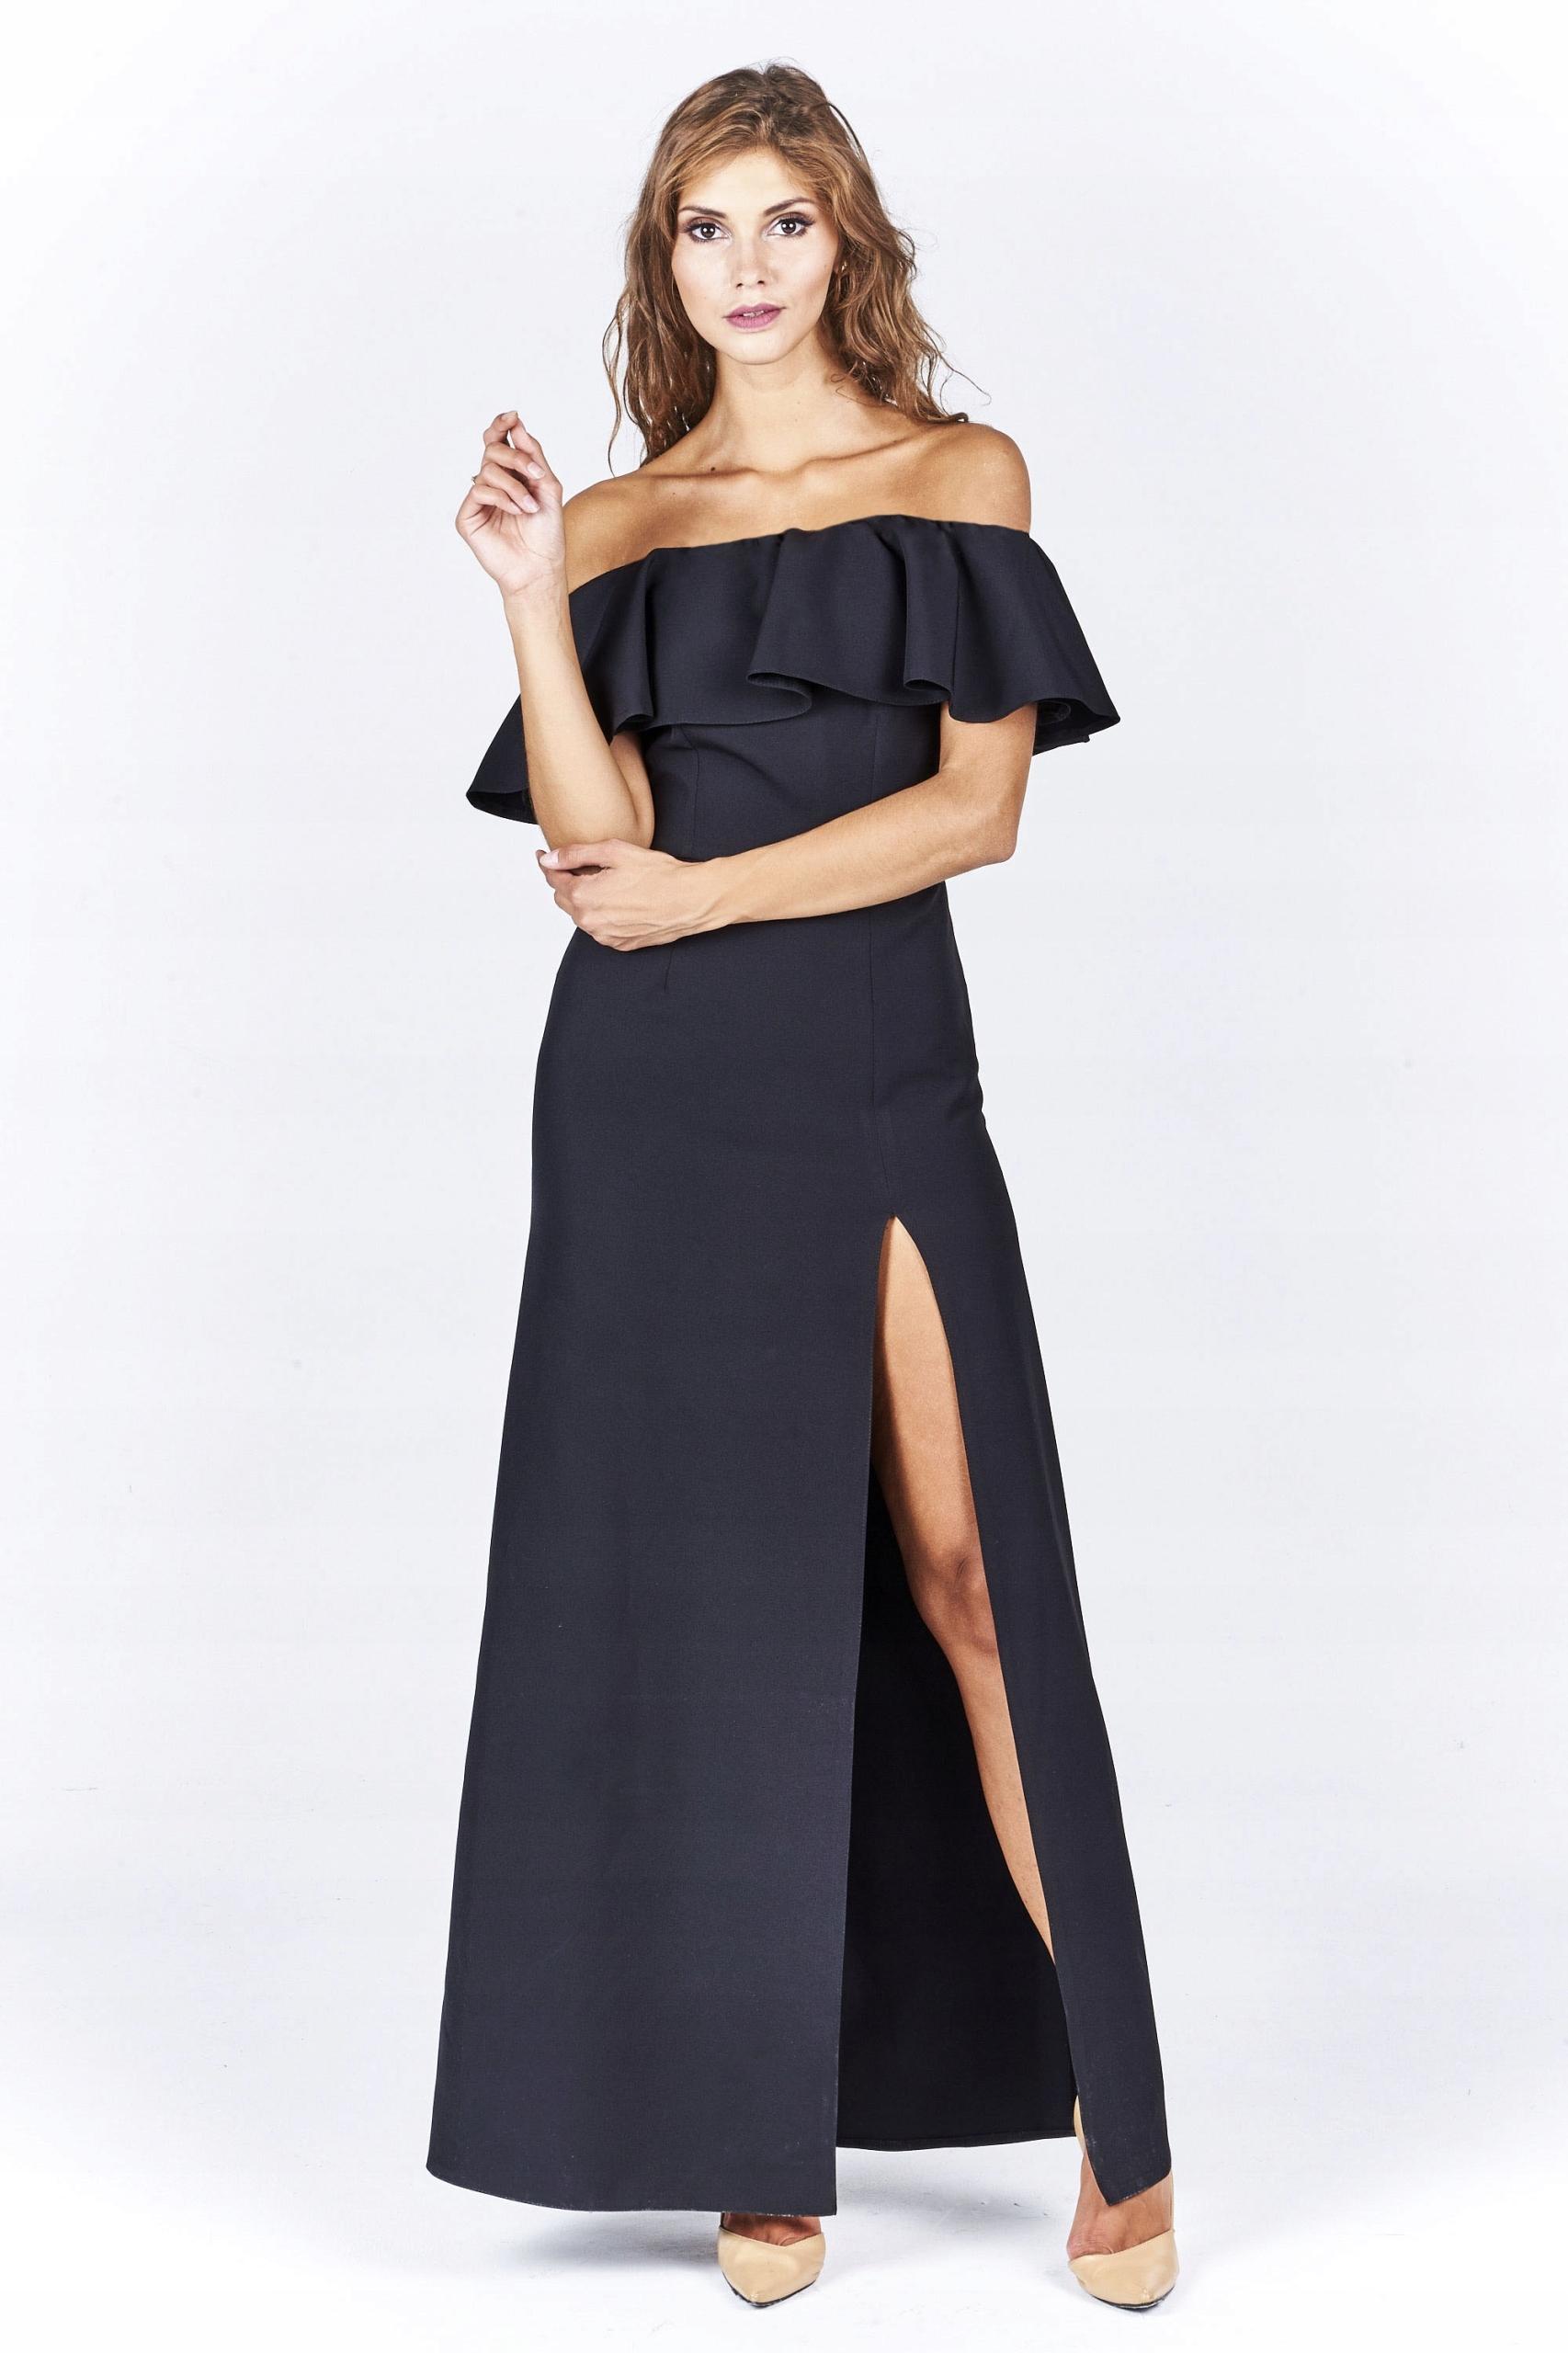 9b93b59b90 Sukienka wieczorowa Maxi Czarna Roz. 34 XS - 7485649901 - oficjalne ...